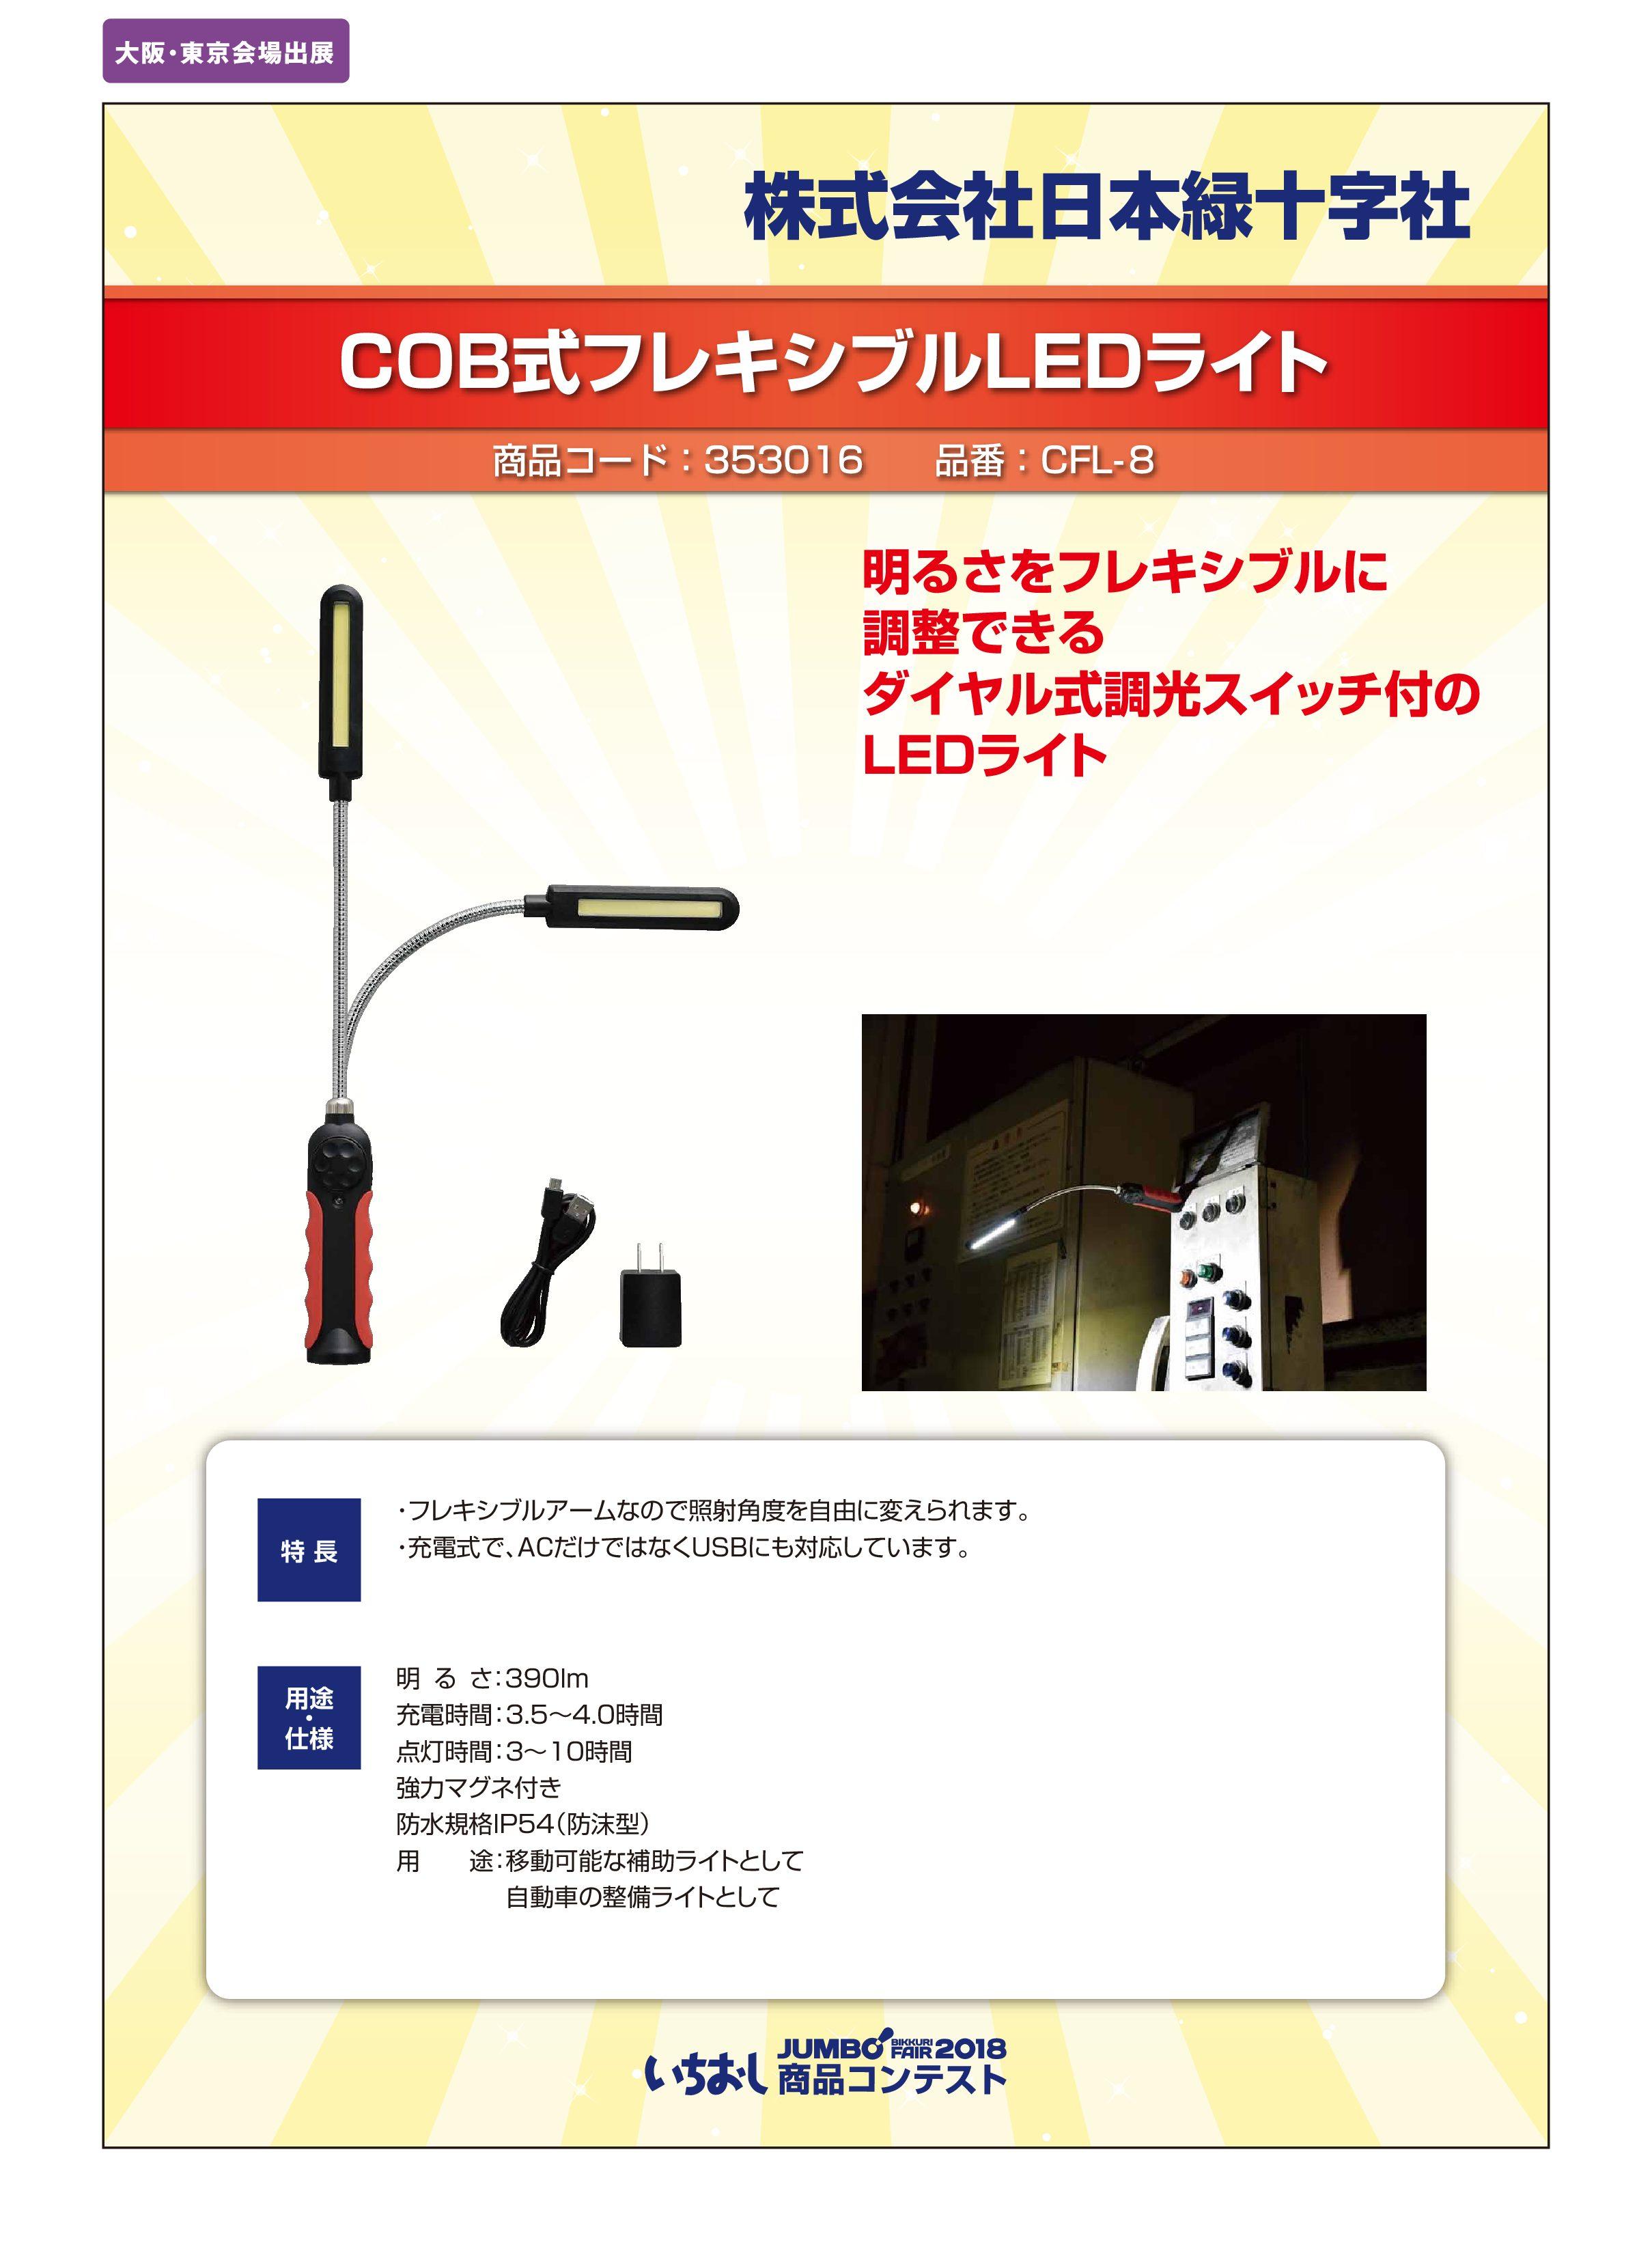 「COB式フレキシブルLEDライト」株式会社日本緑十字社の画像